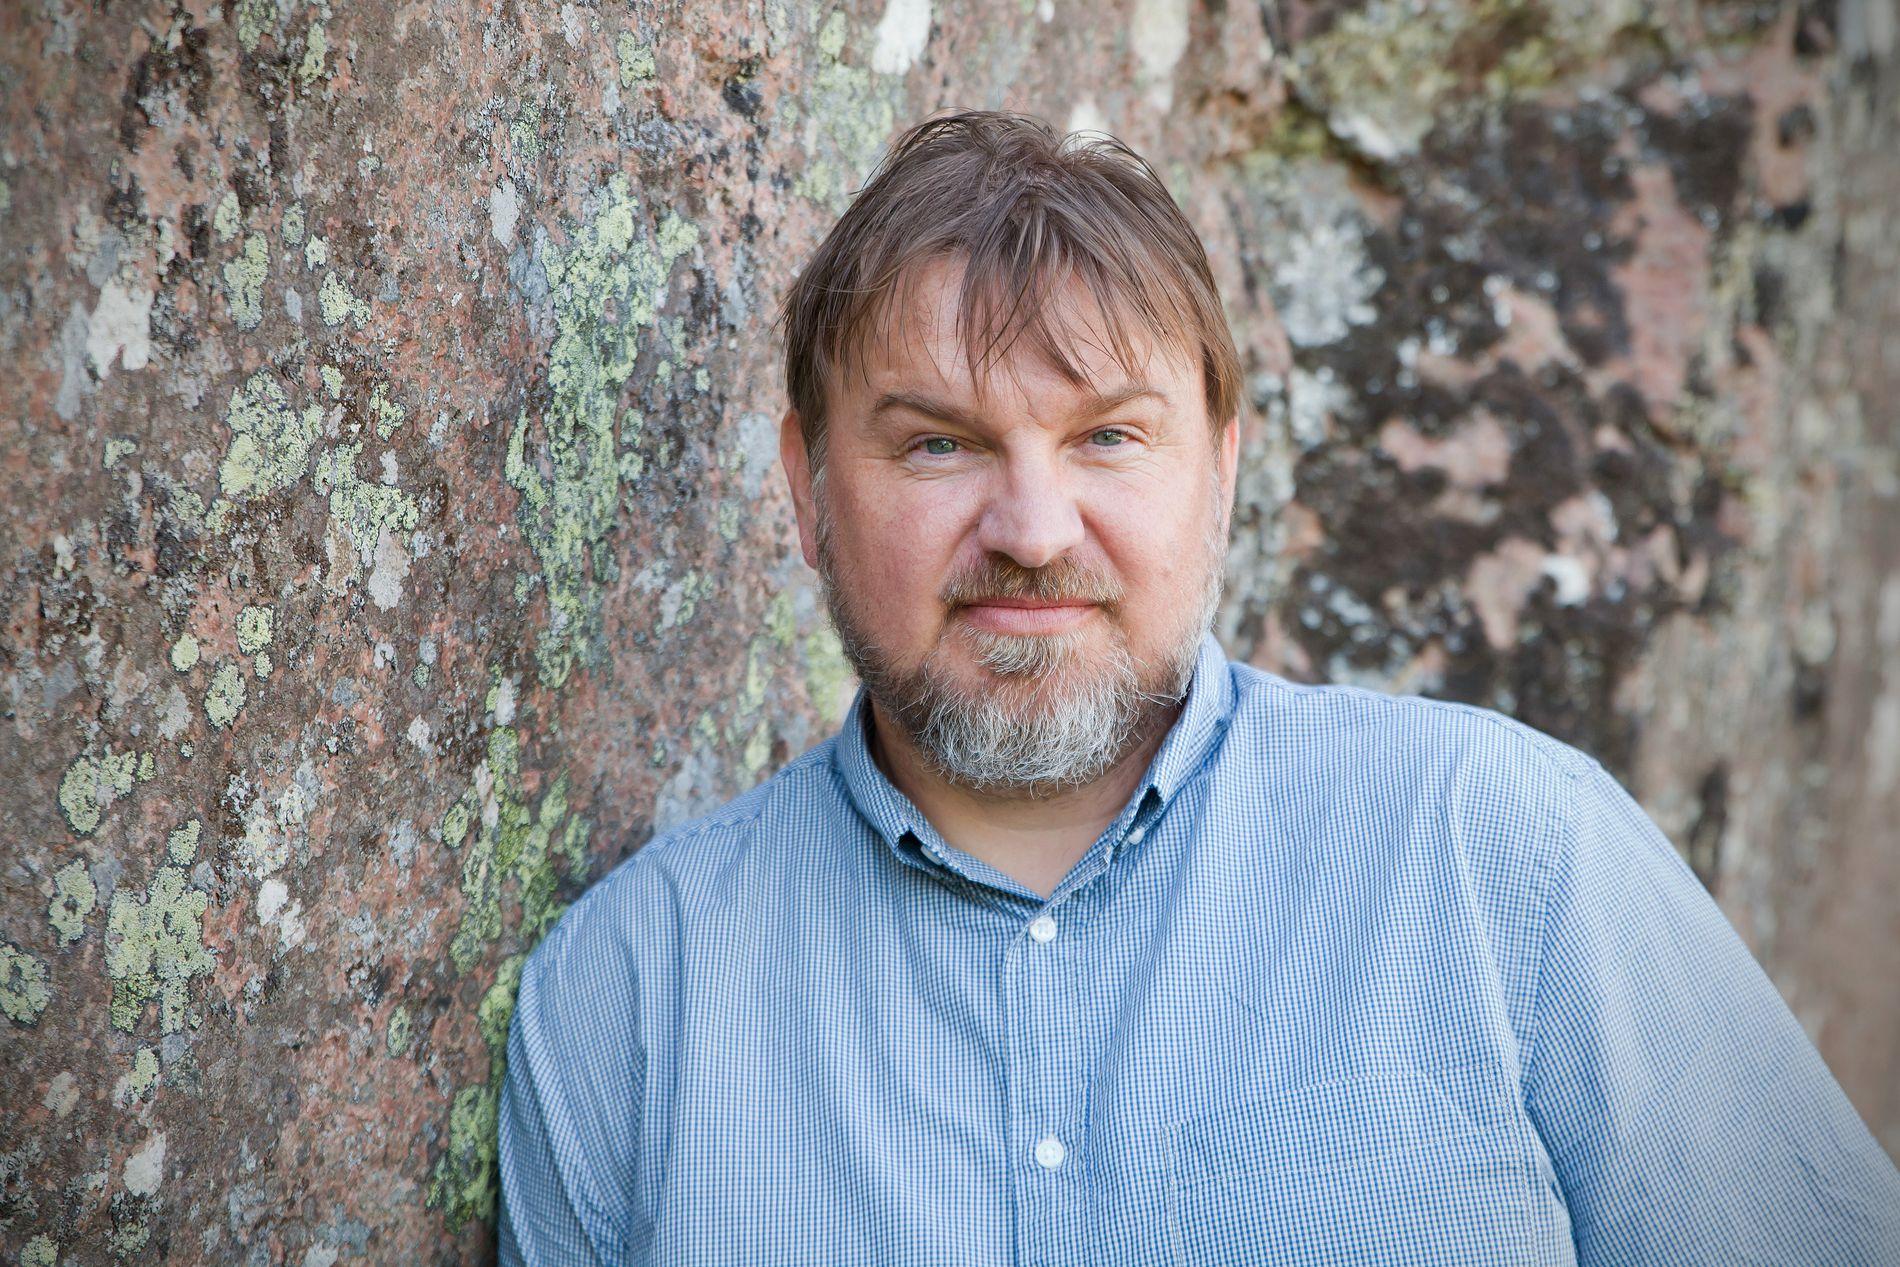 VIL VINNE: Halvor Sveen går for seier i årets «Farmen»